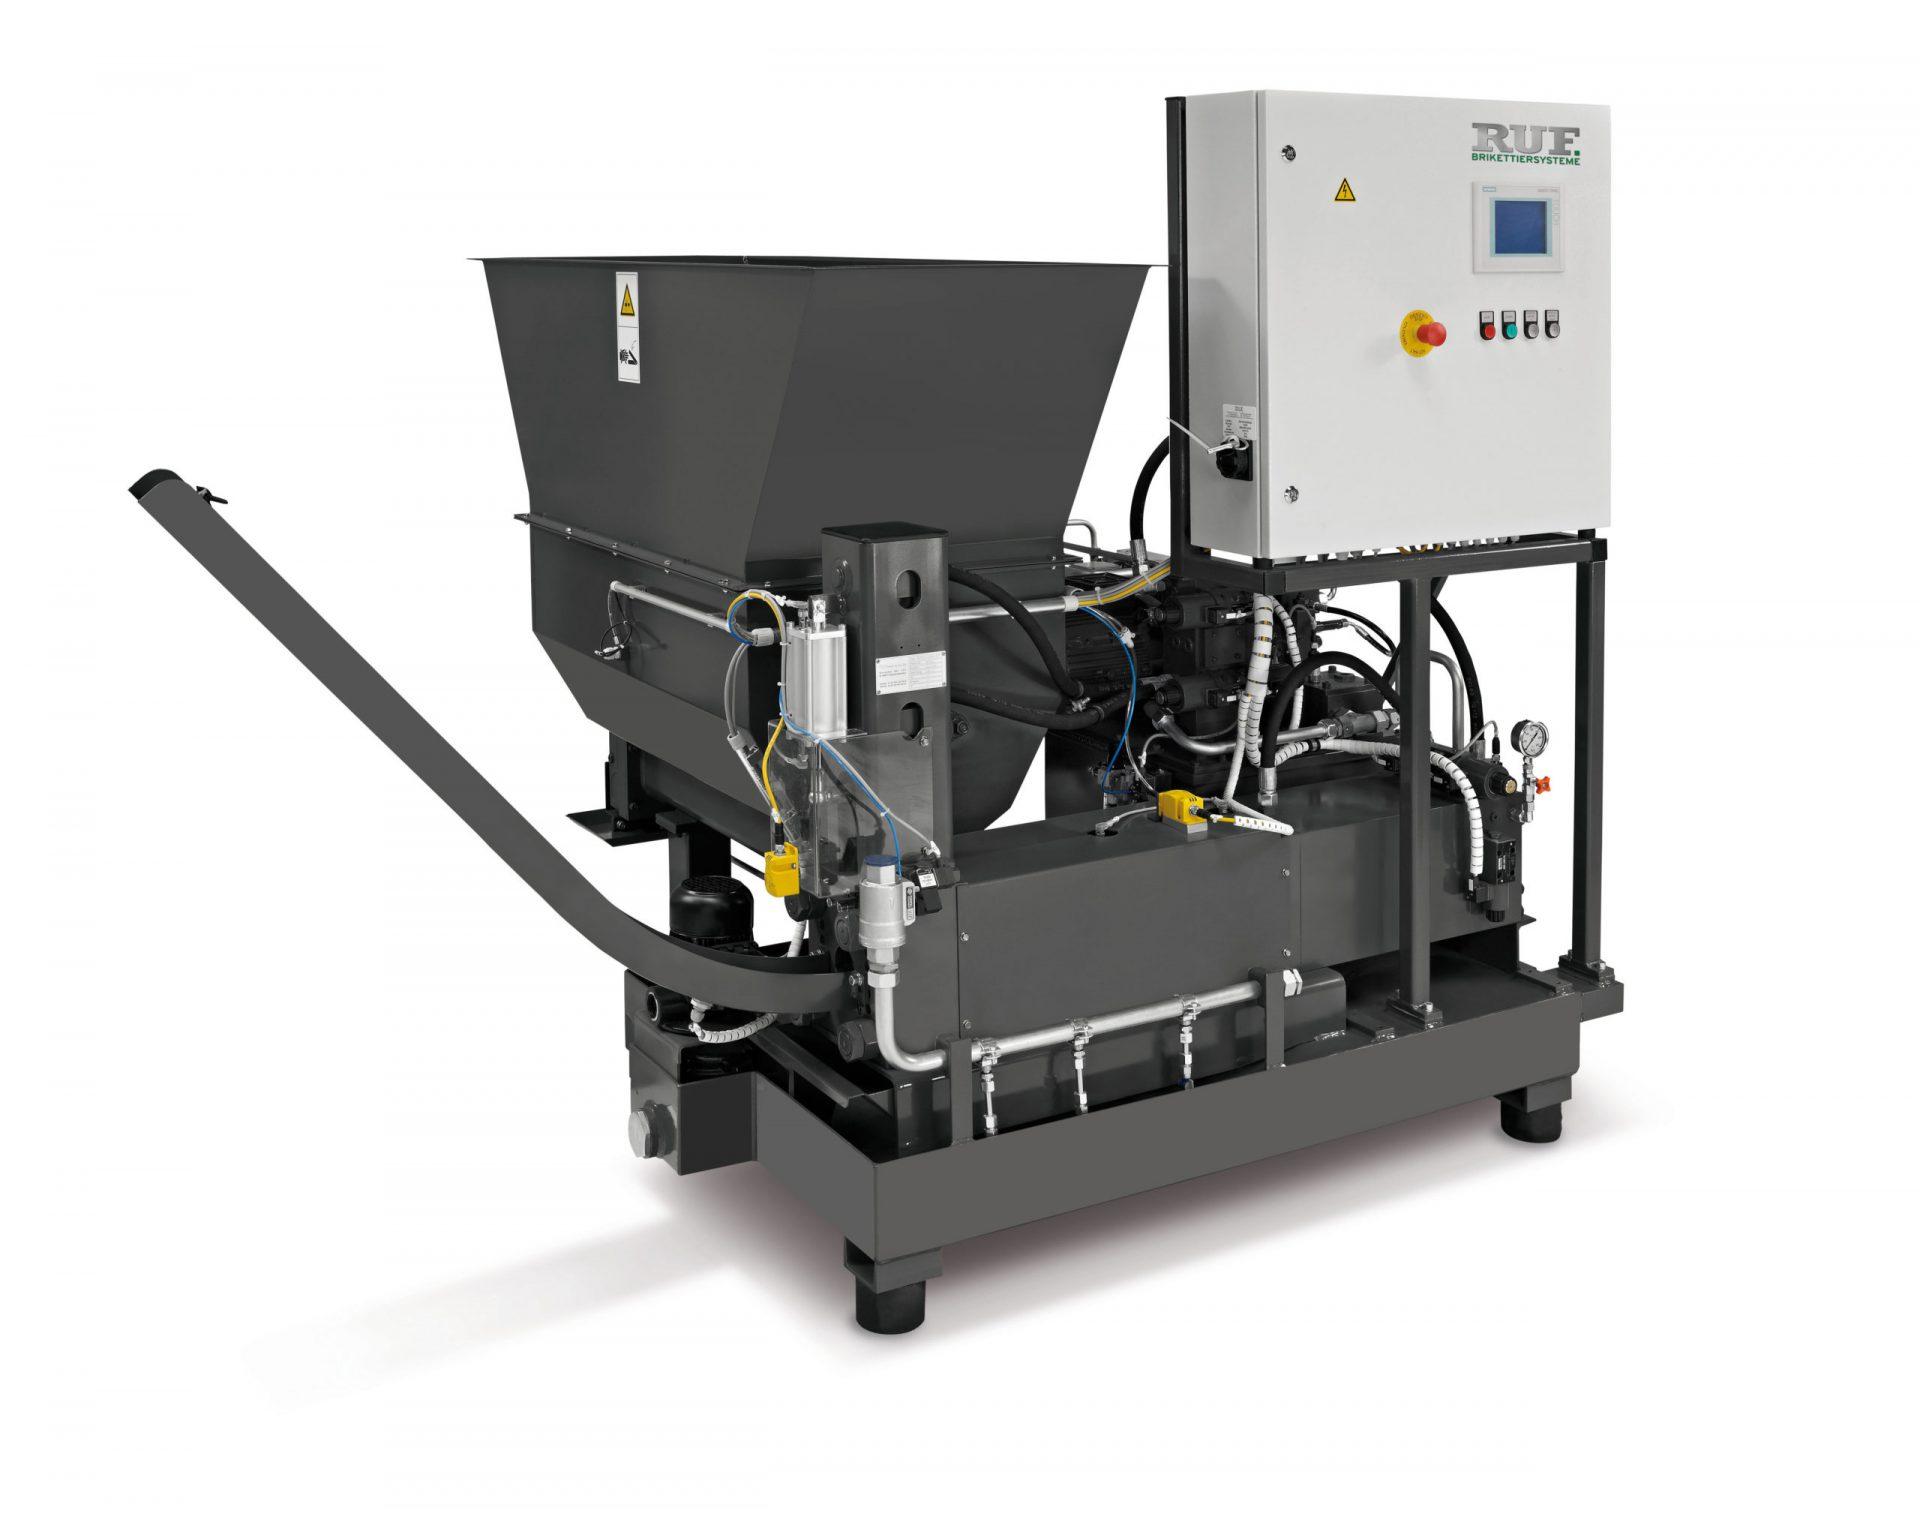 RUF 4-2300-60S machine